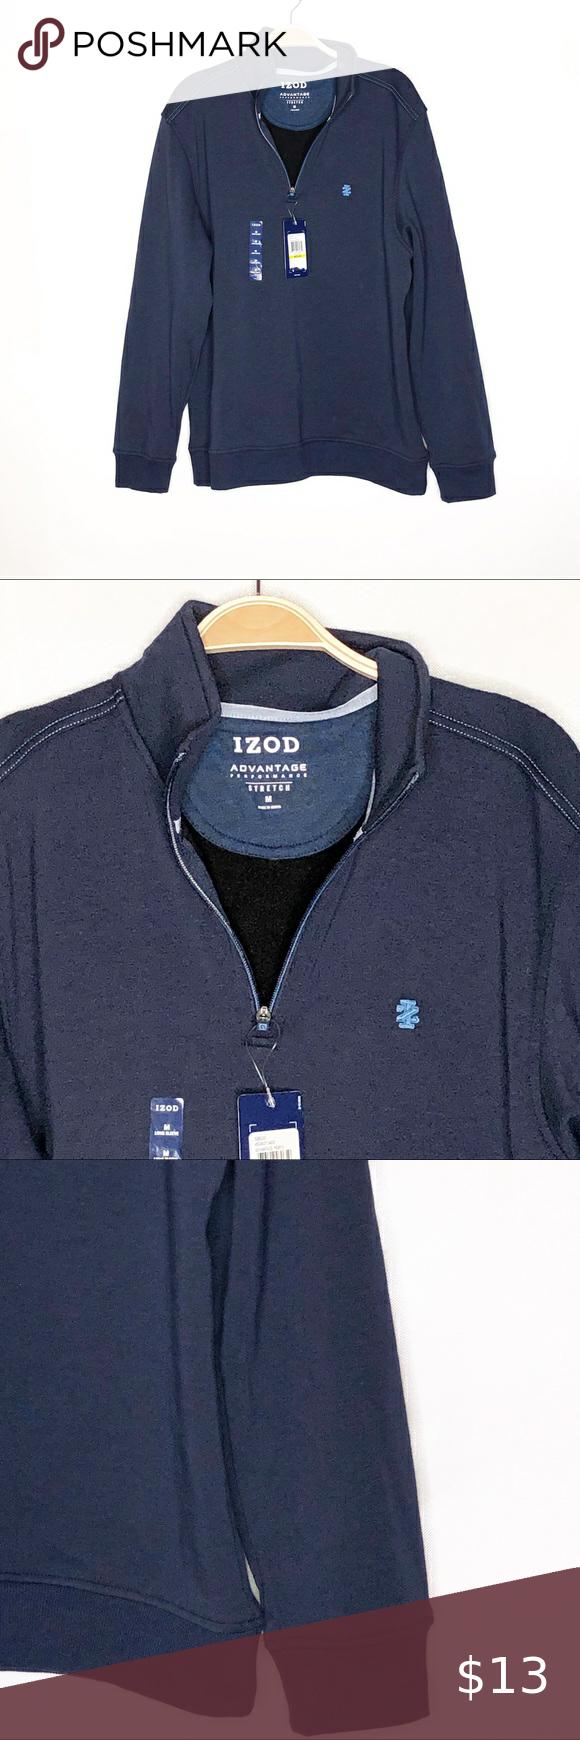 4 30 New Men S Izod Jacket Navy Size M Jackets Clothes Design Izod [ 1740 x 580 Pixel ]